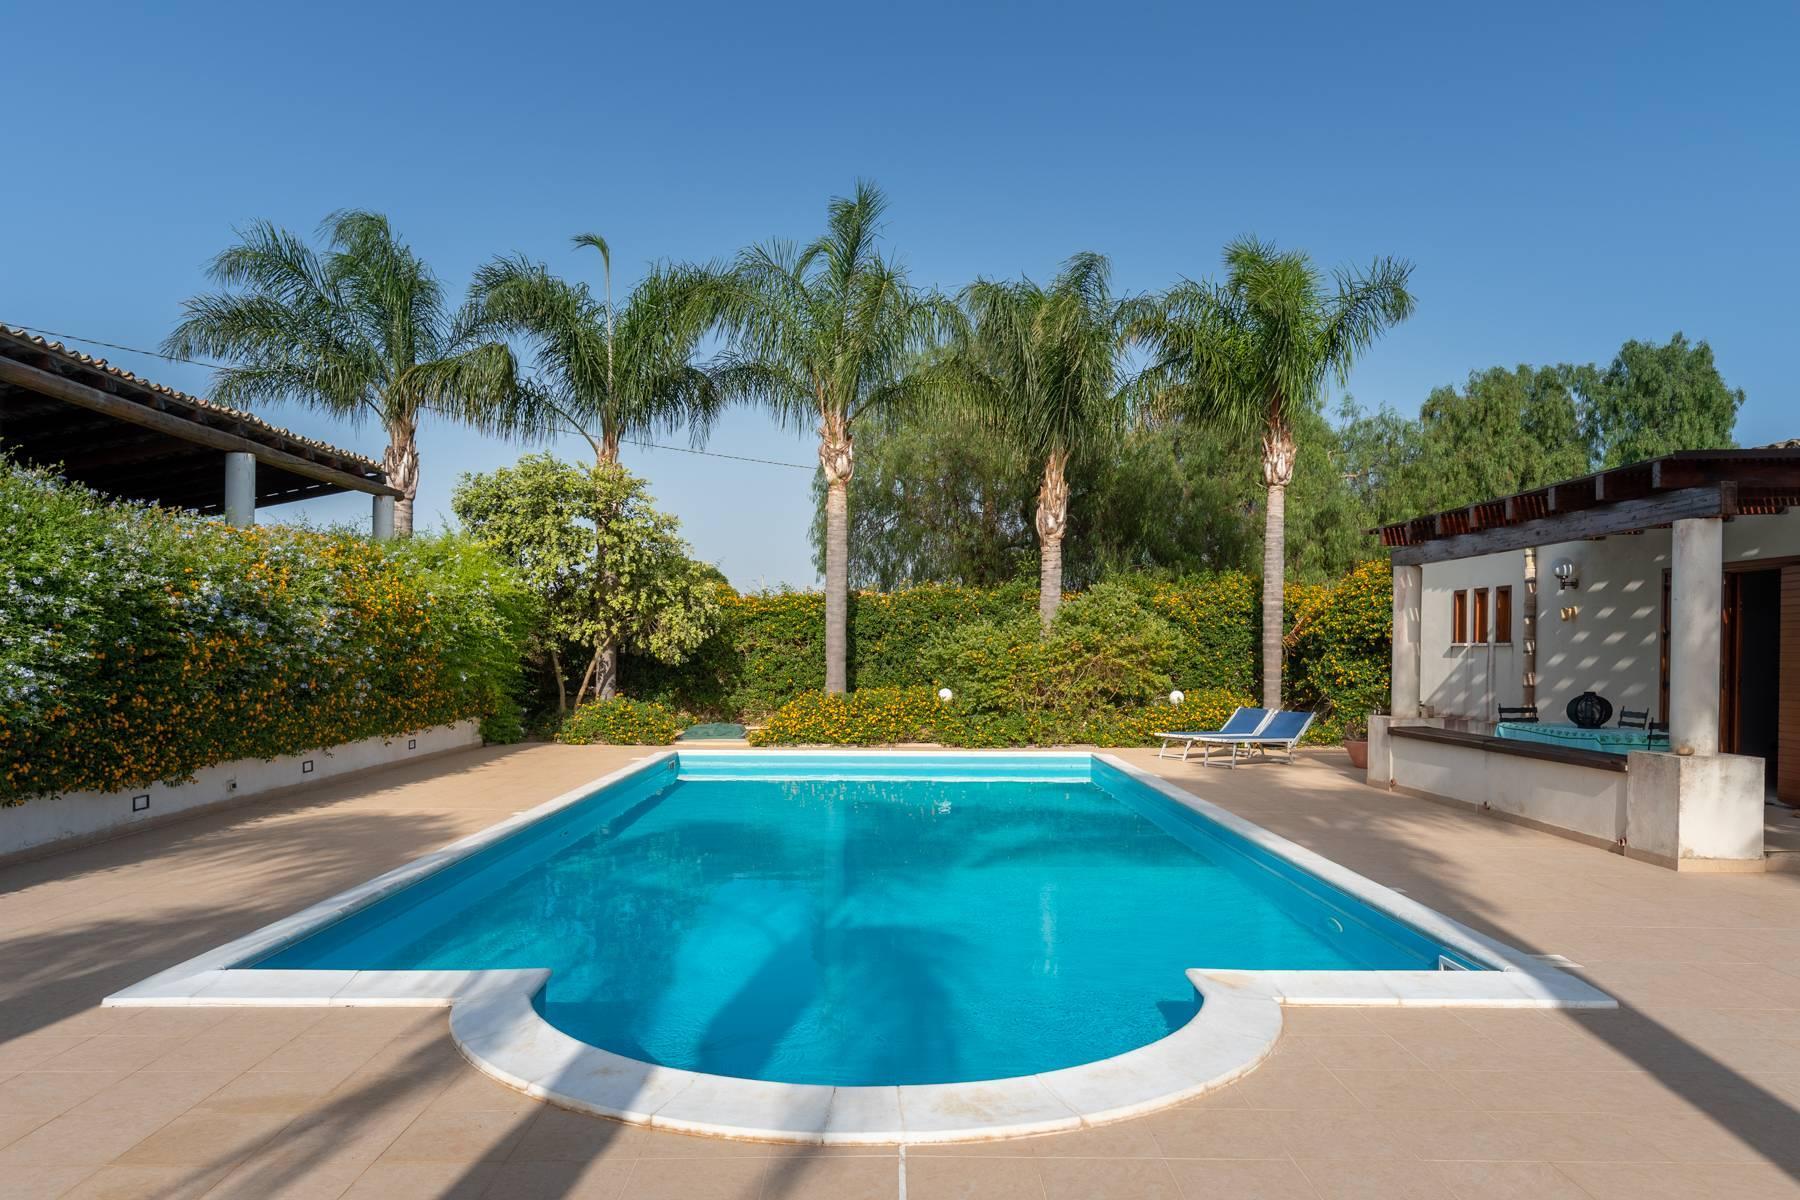 Villa con piscina vicino il parco archeologico di Selinunte - 11